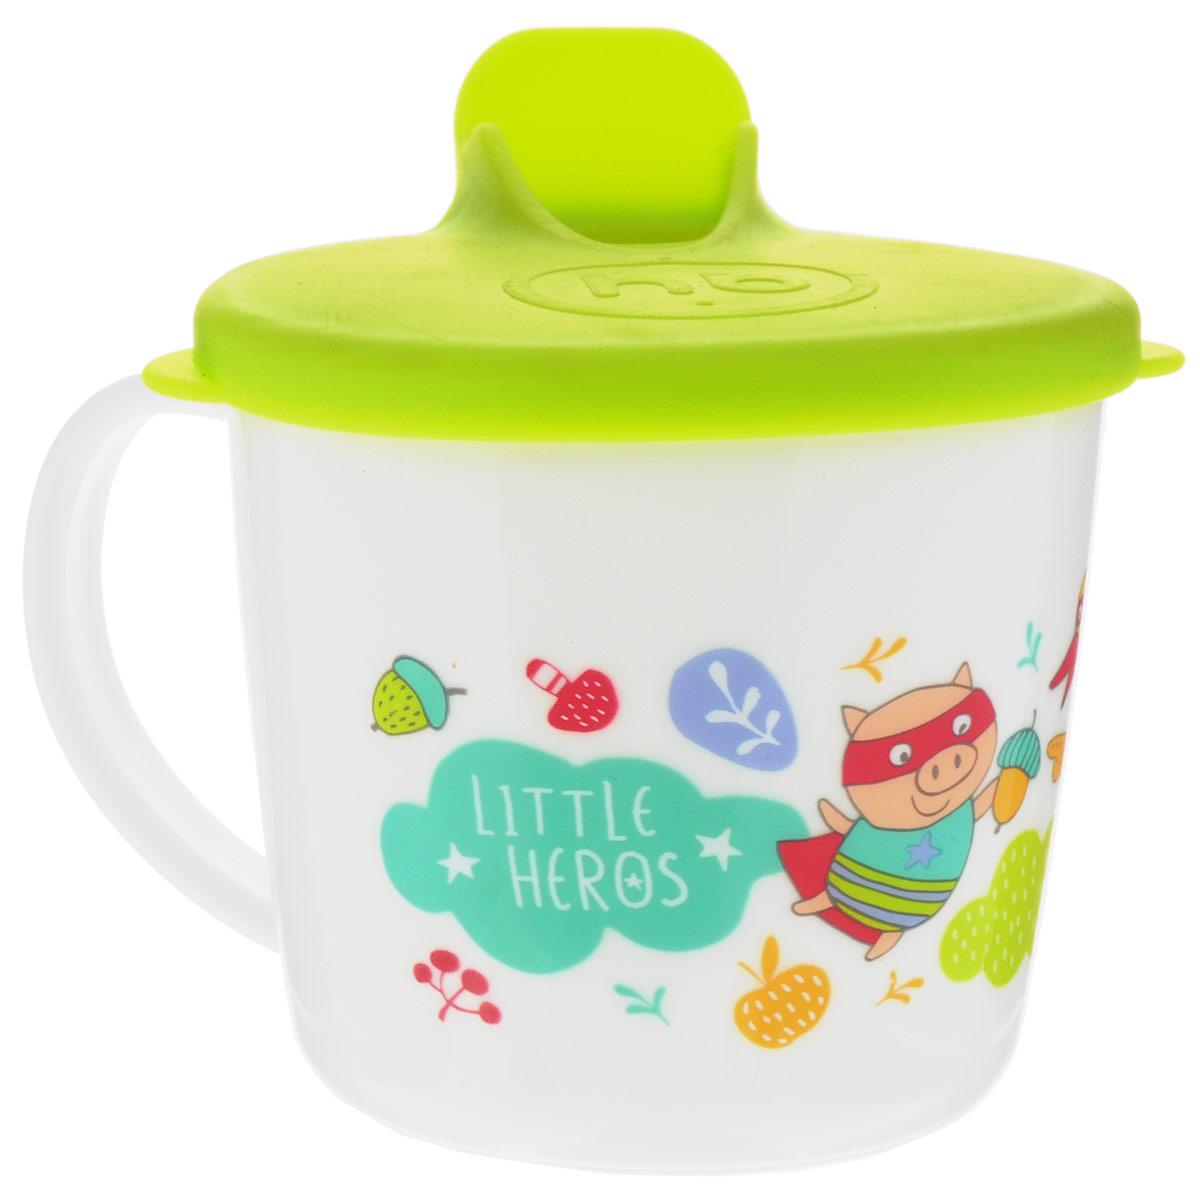 Happy Baby Чашка-поильник от 8 месяцев цвет белый салатовый15010_салатовый, поросенок, утка, лисаЧашка-поильник Happy Baby рекомендована для деток, которые переходят от грудного вскармливания или кормления из бутылочки к кружке. Поильник идеально подходит для малышей. Ребенку будет удобно держать его благодаря ручке. Крышка поильника снабжена носиком для питья, который сделает переход от кормления из бутылочки к питью из чашки более легким и комфортным для ребенка. Поильник украшен яркими изображениями, которые привлекут внимание малыша. Можно использовать в СВЧ печи без крышки. Не содержит бисфенол А.